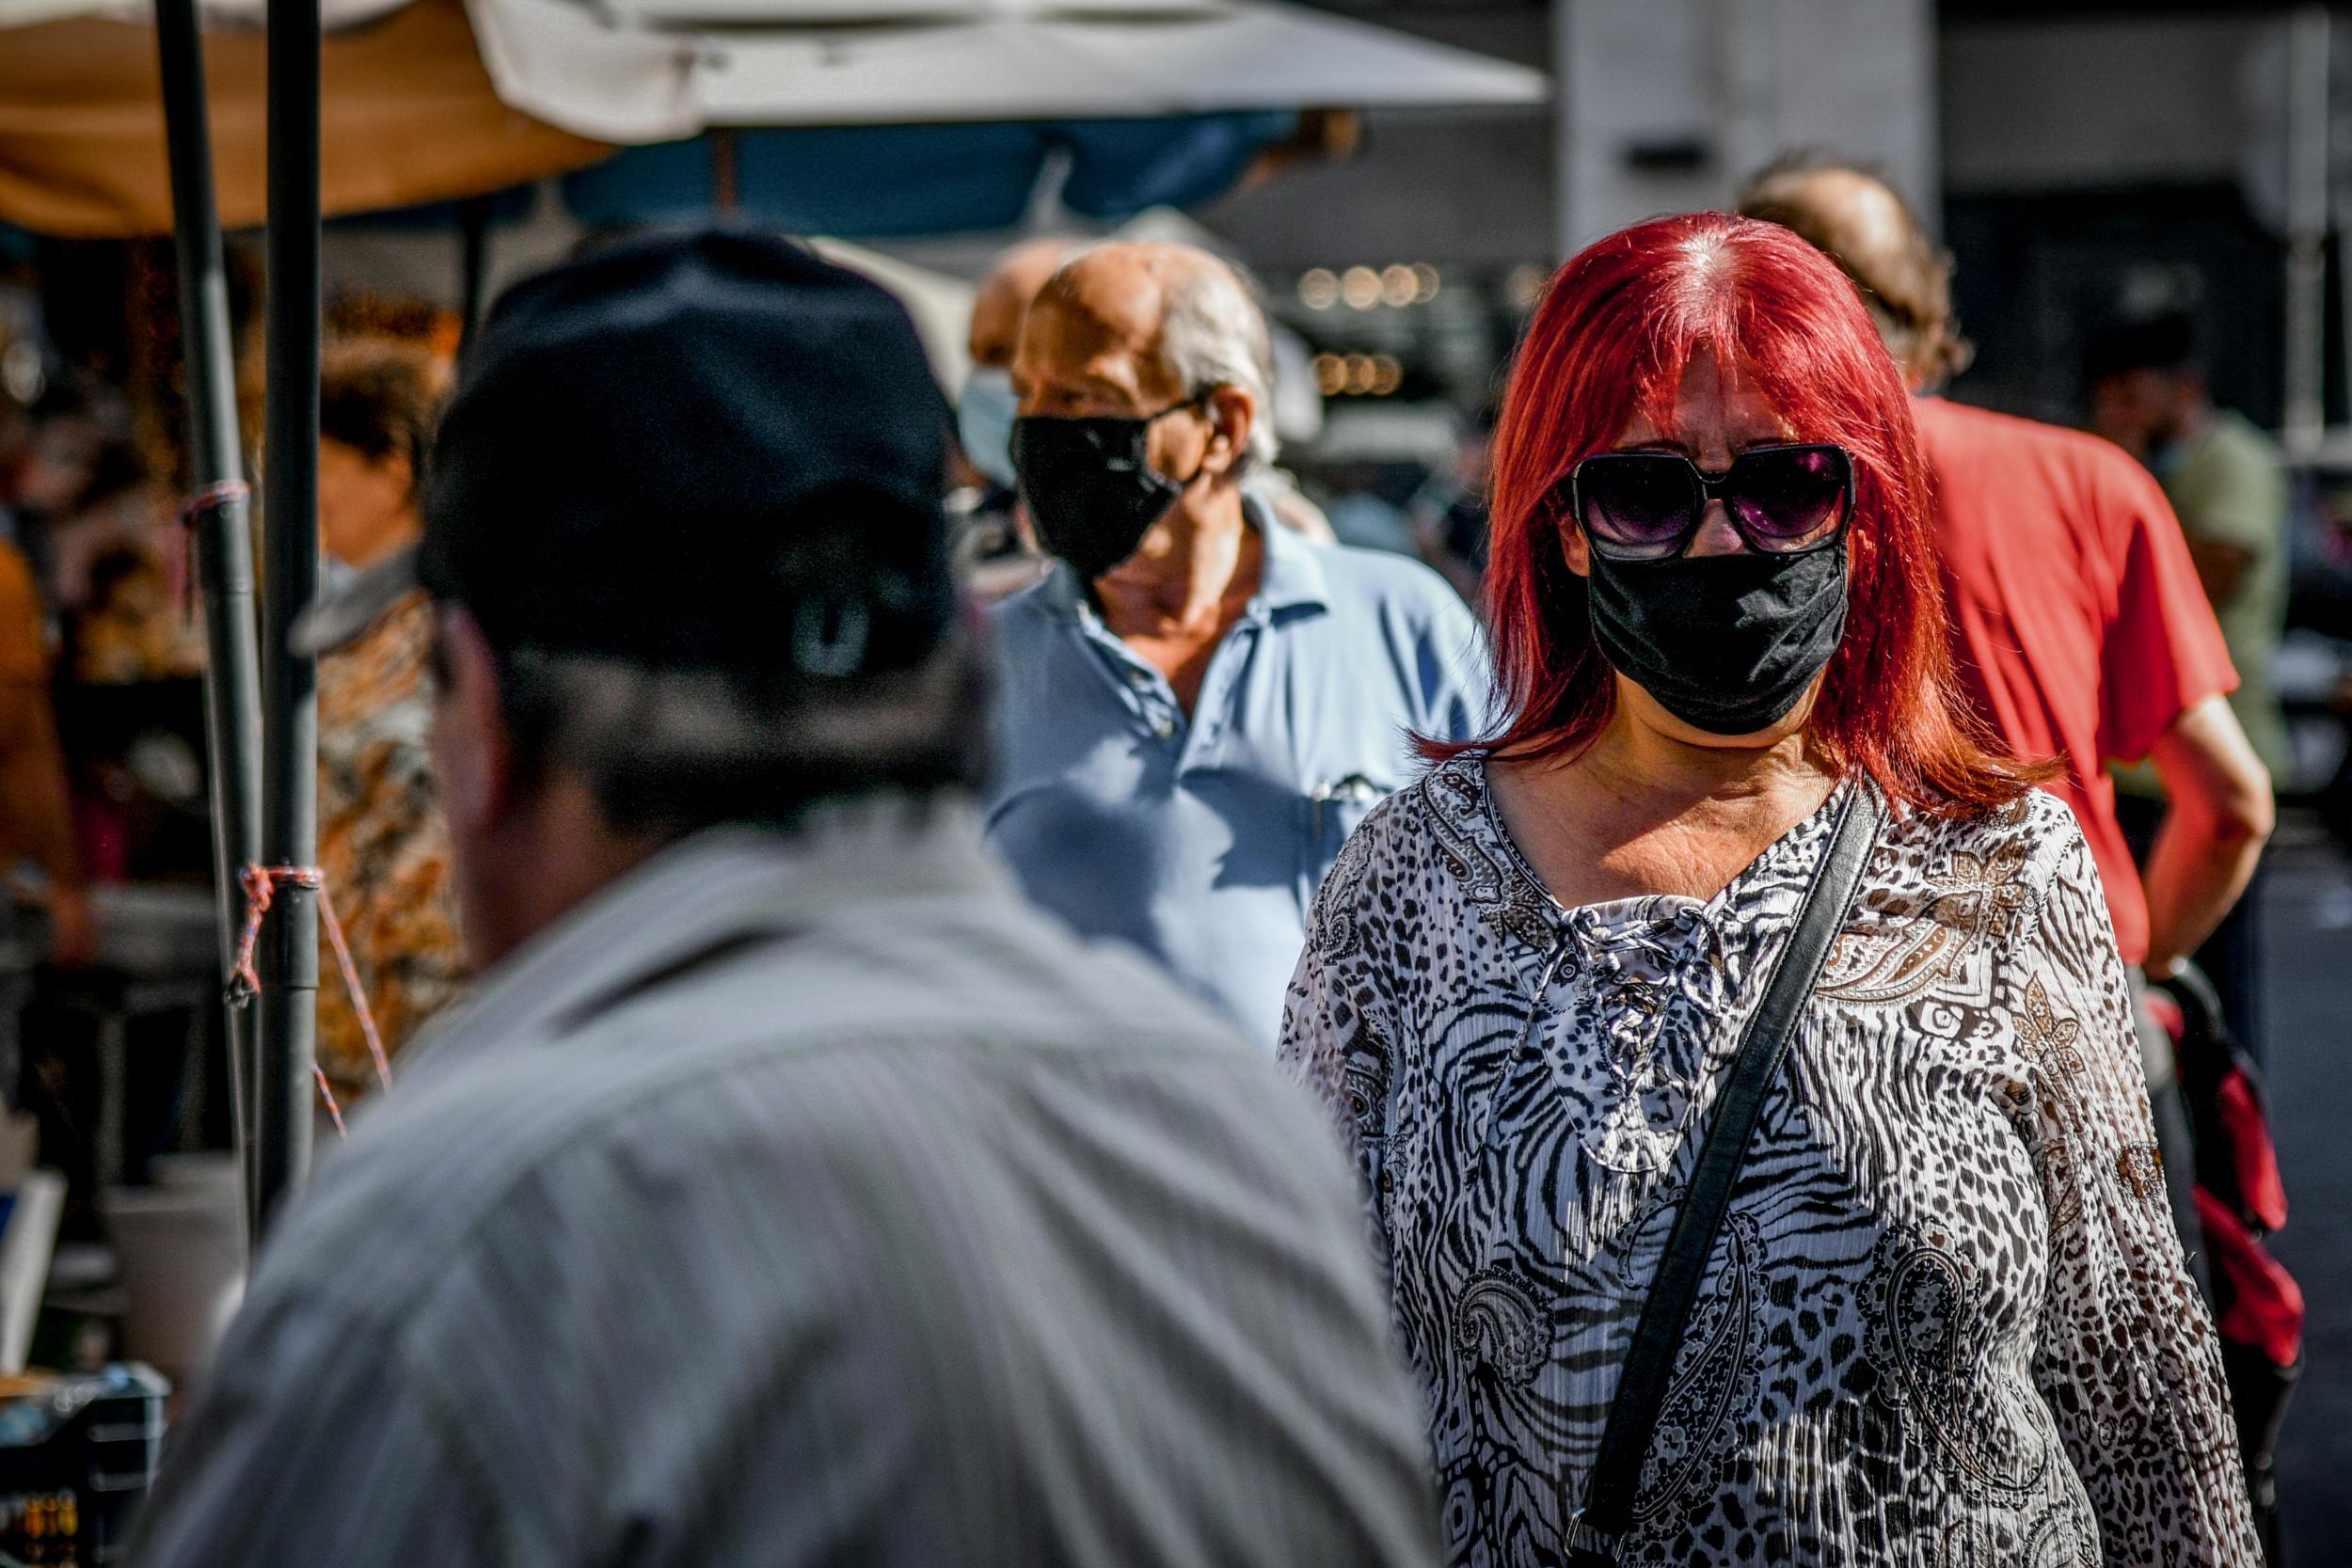 Κορωνοϊός μέτρα μάσκα: Σε ΦΕΚ δημοσιεύτηκαν οι νέοι κανόνες